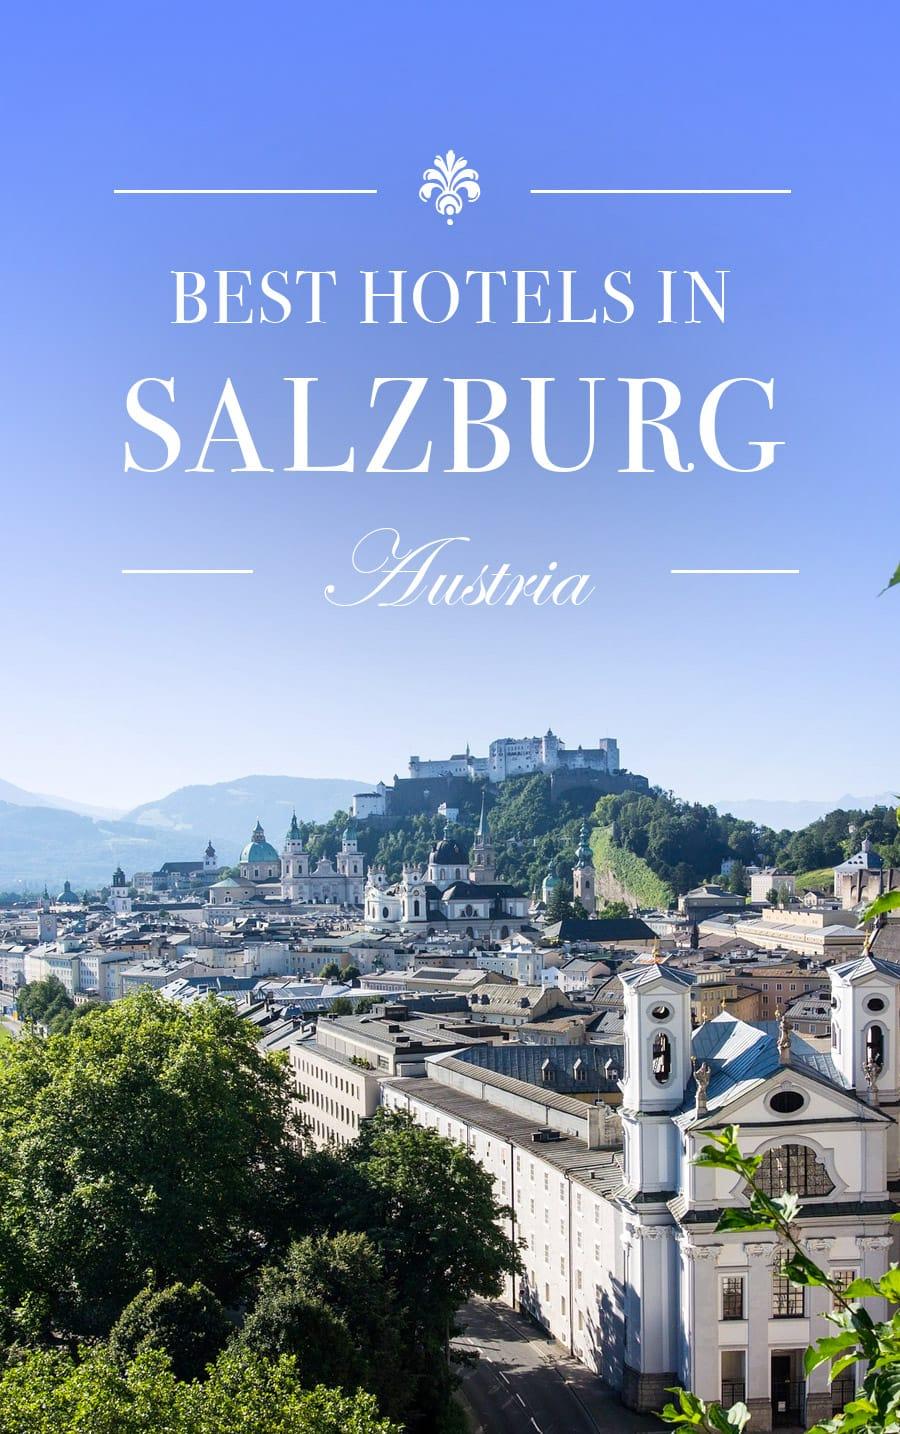 Best Hotels in Salzburg, Austria